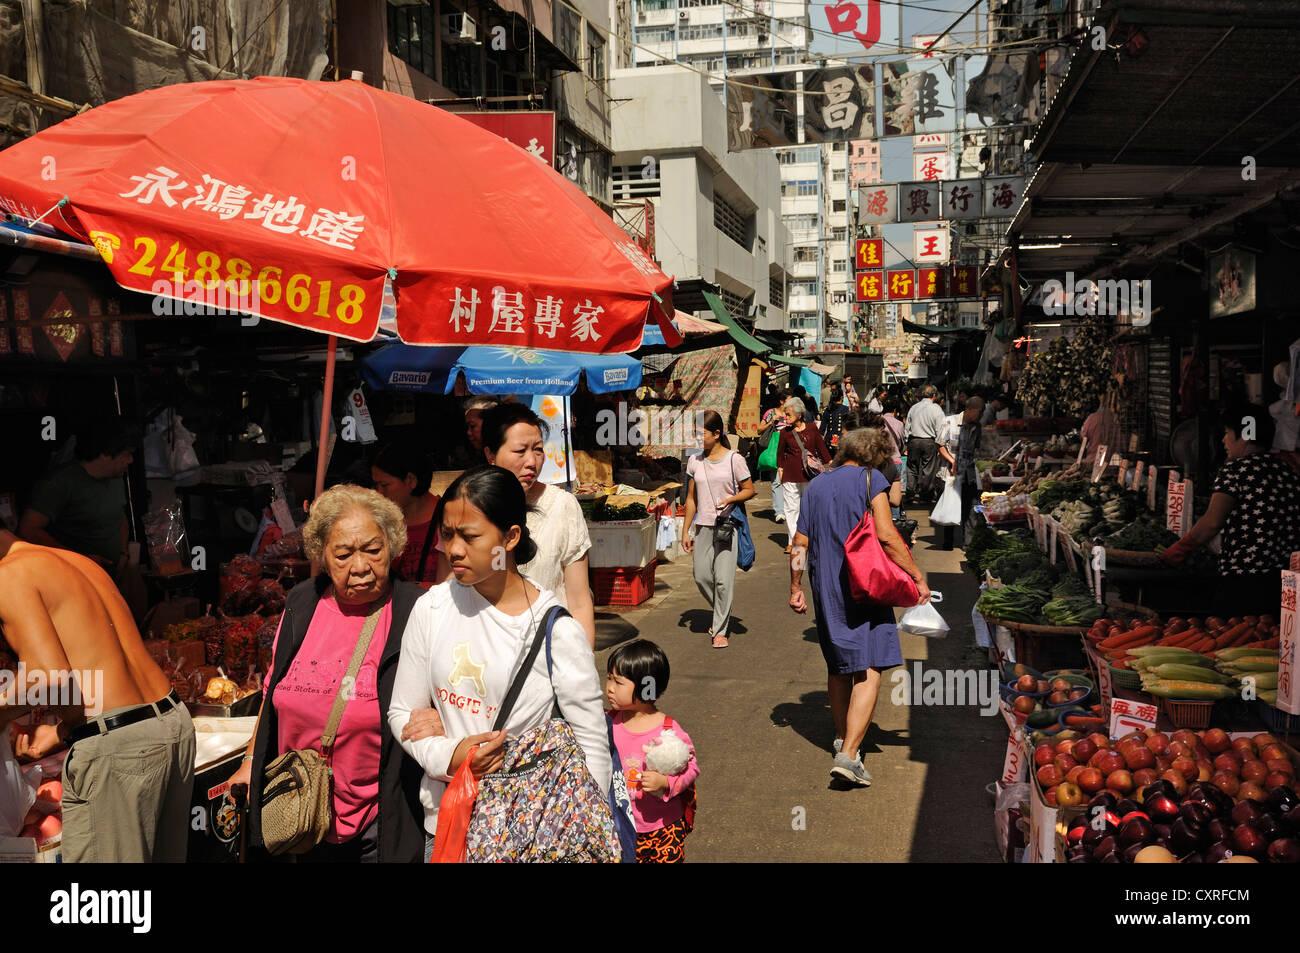 Market in Tsim Sha Tsui, Hong Kong, China, Asia - Stock Image